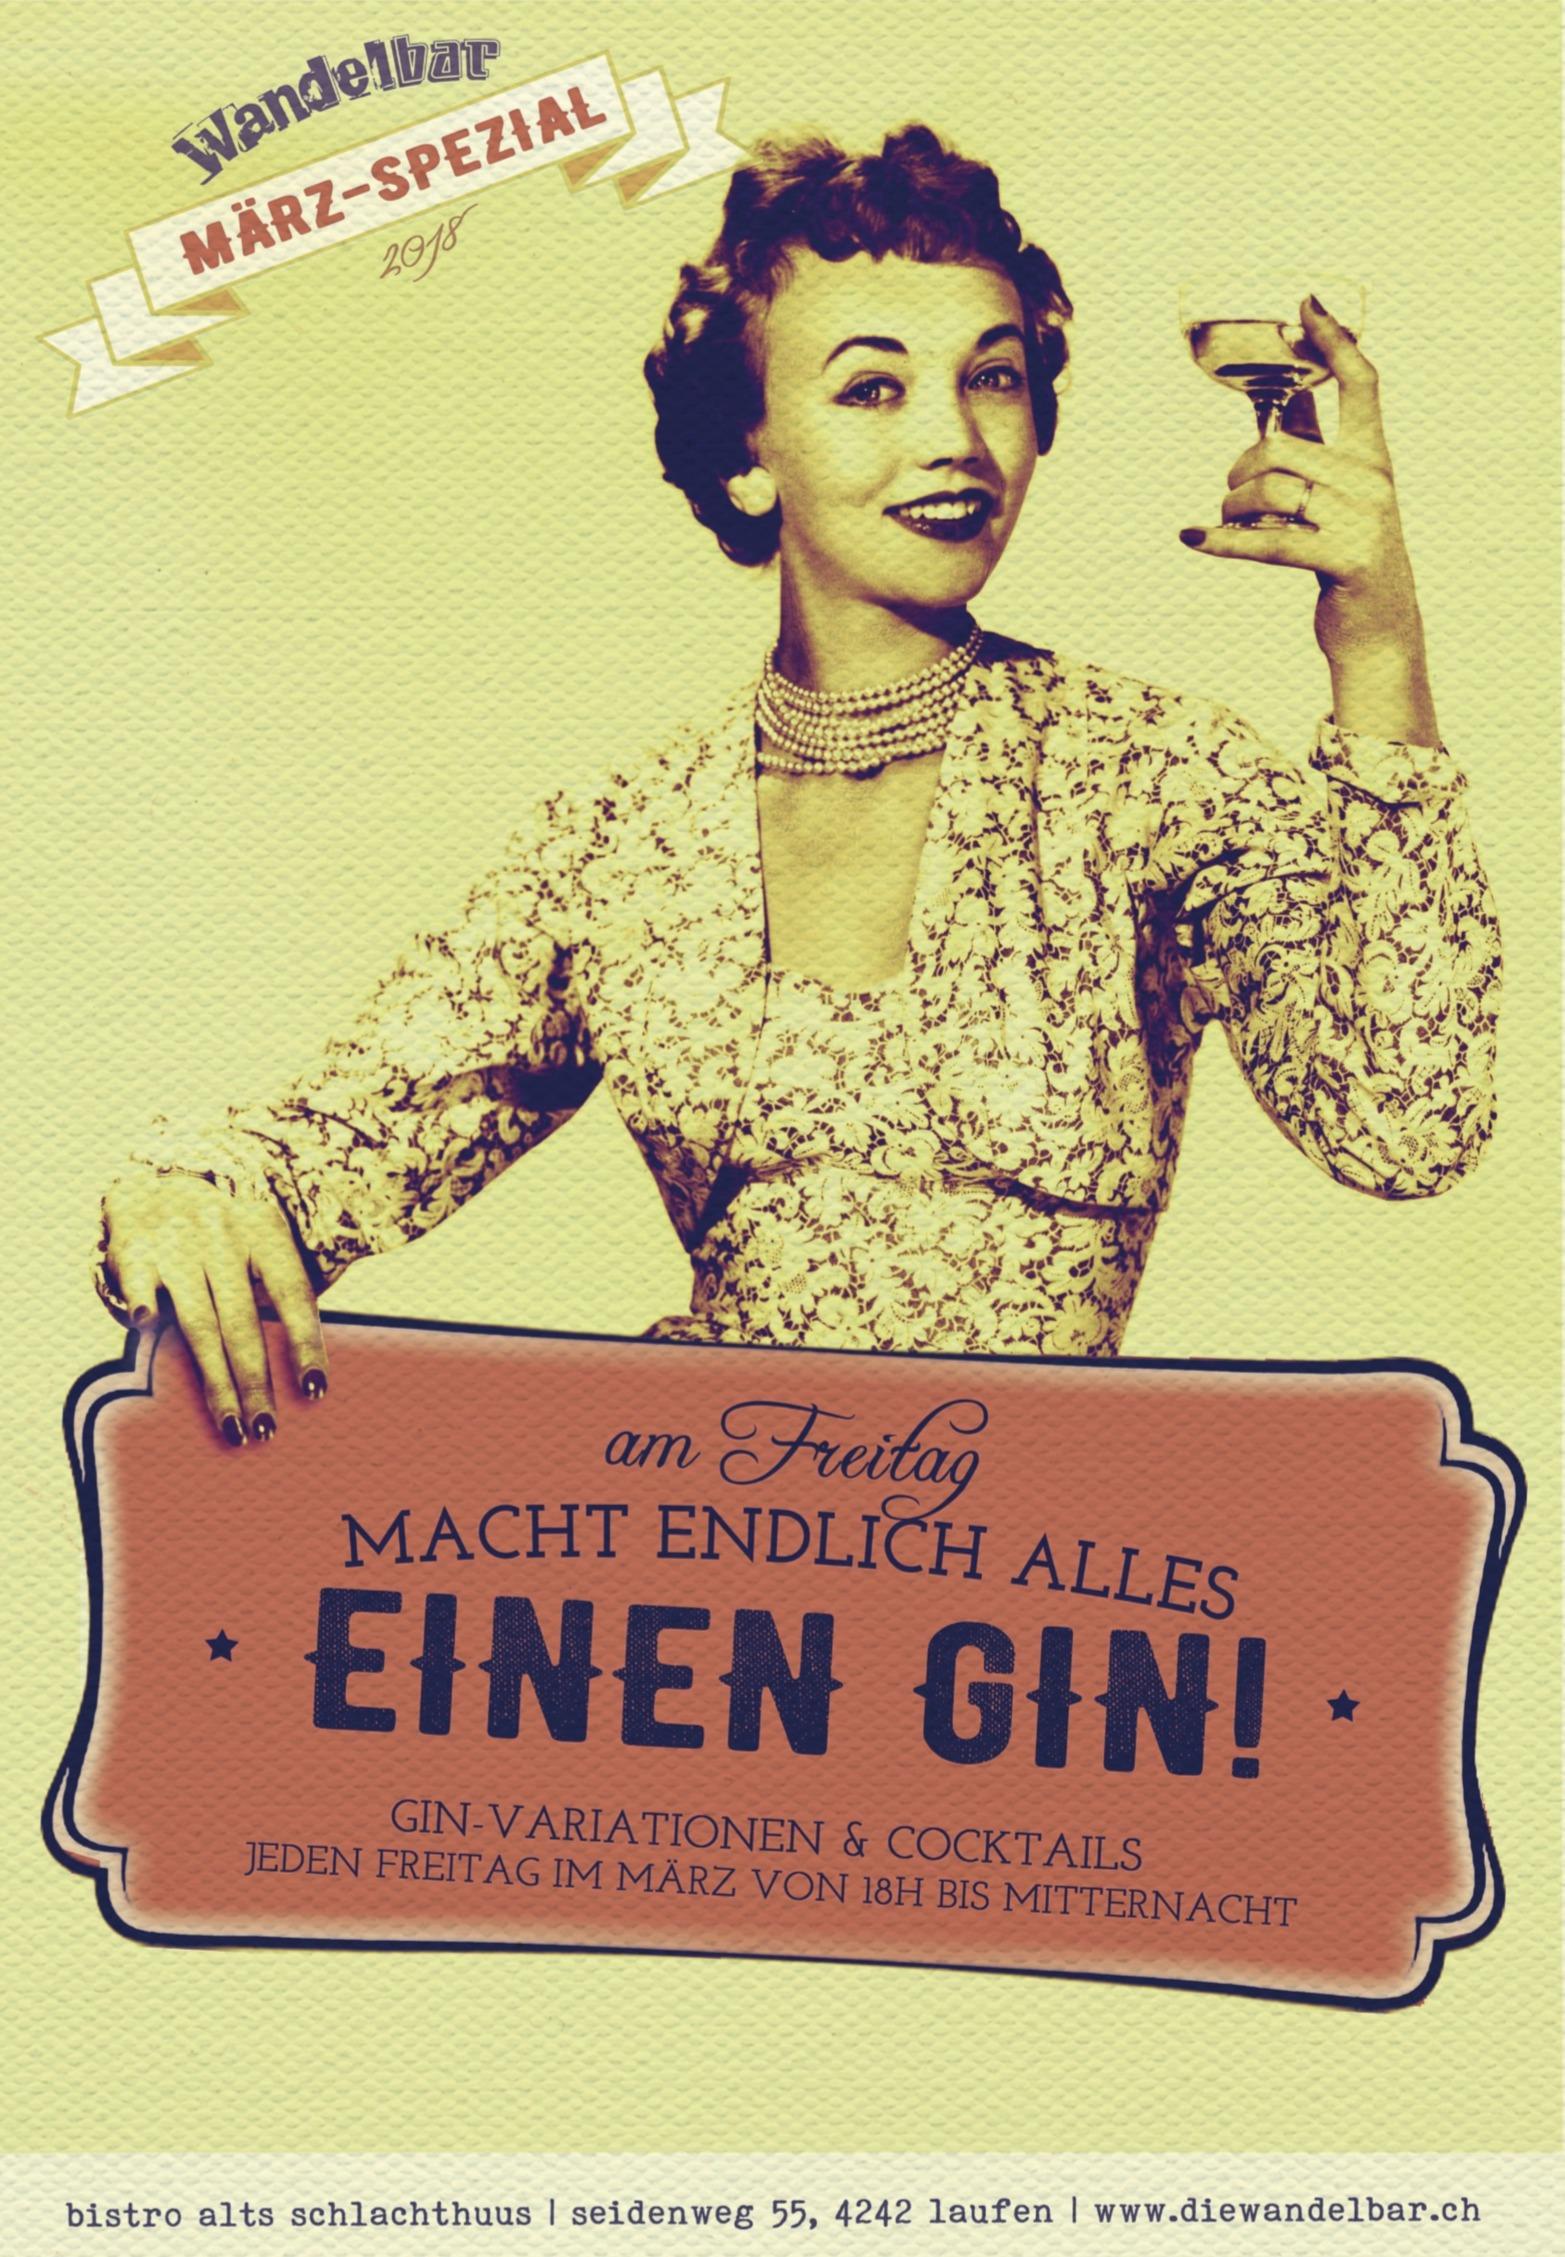 Heute macht endlich alles einen Gin!